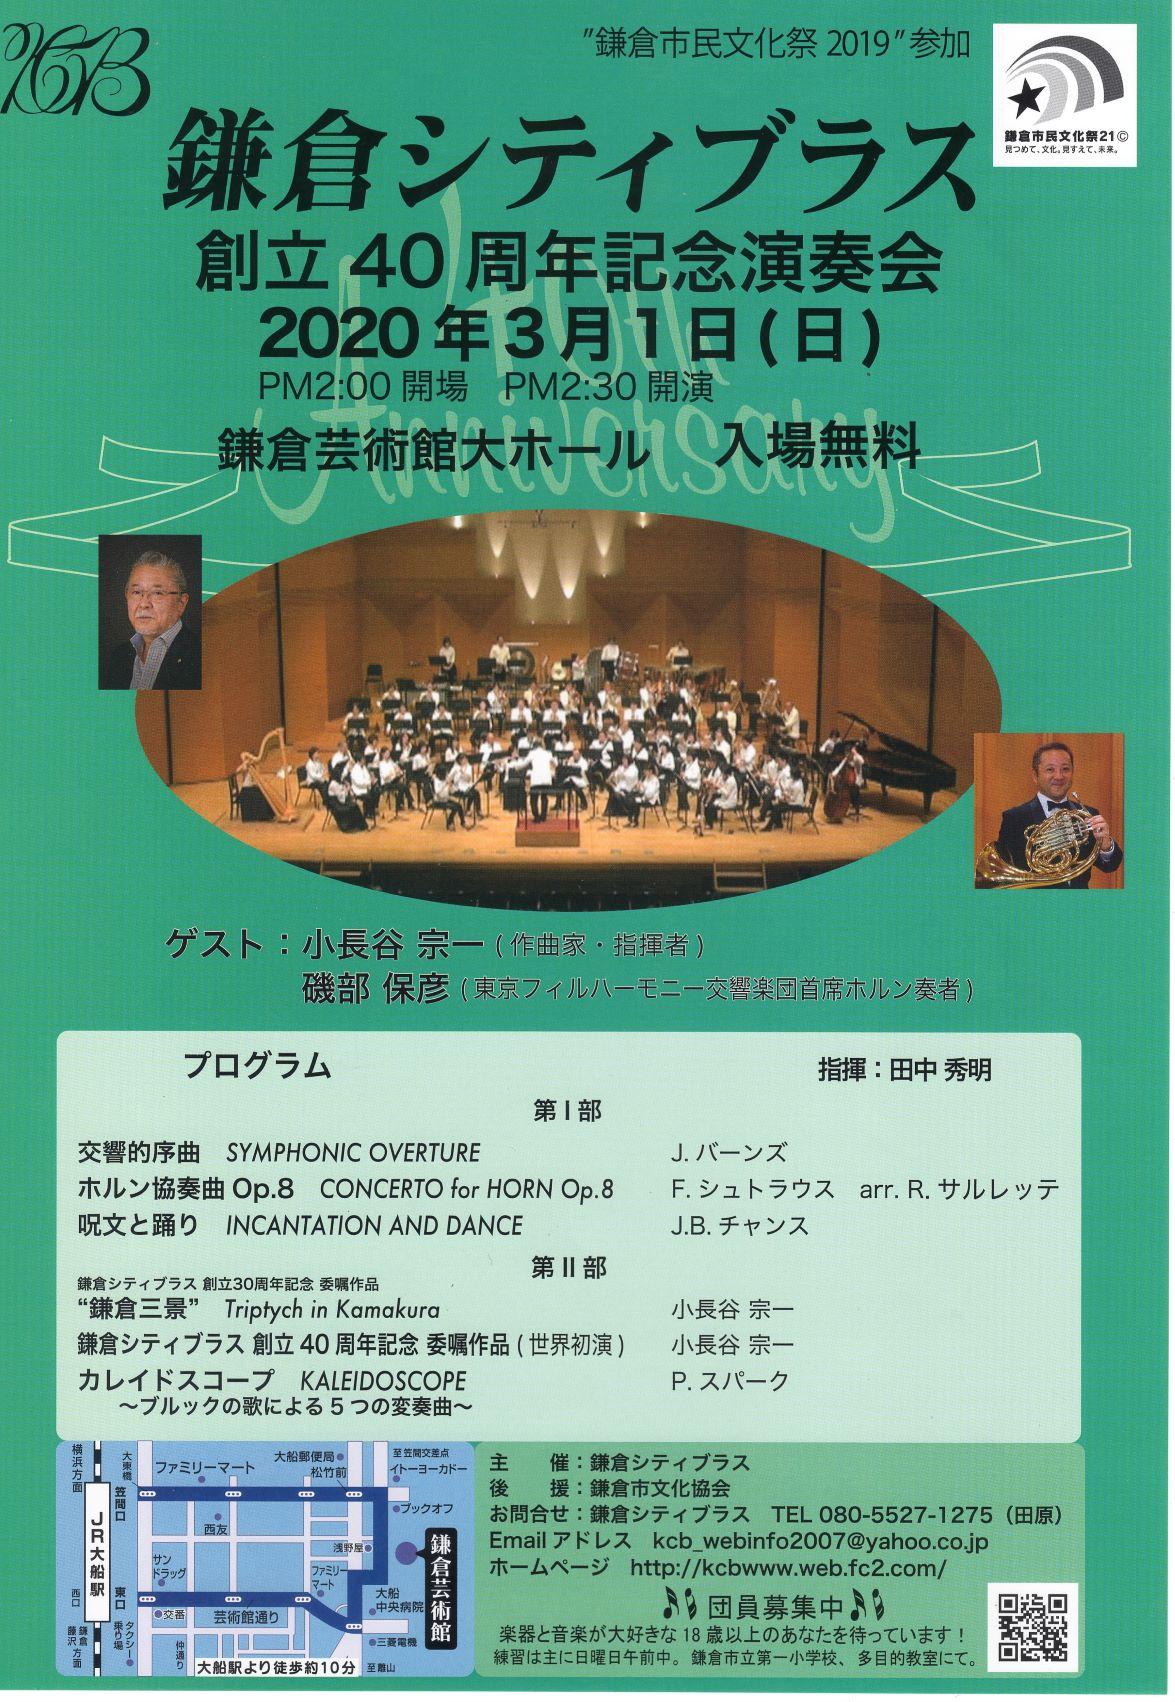 鎌倉シティブラス 創立40周年記念演奏会